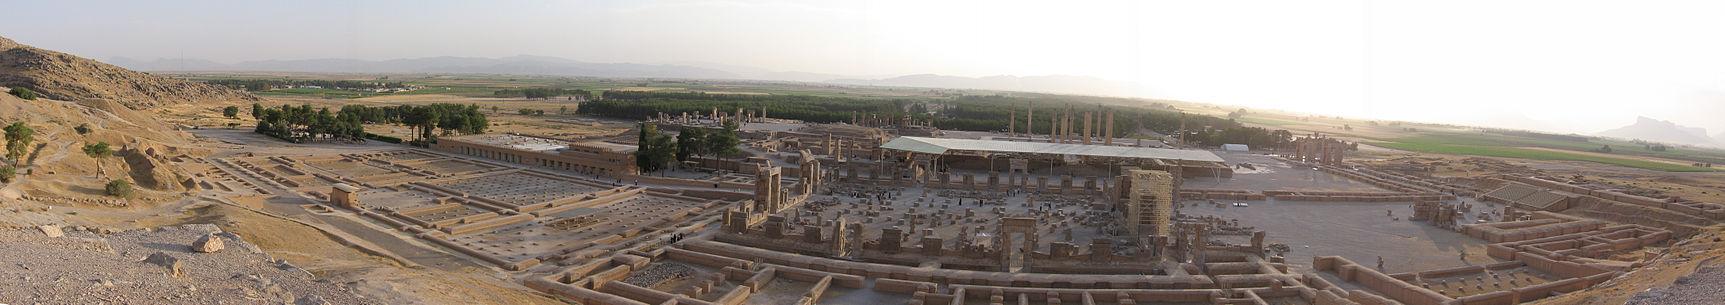 Panoramabillede over Persepolis (Øst-Vest).